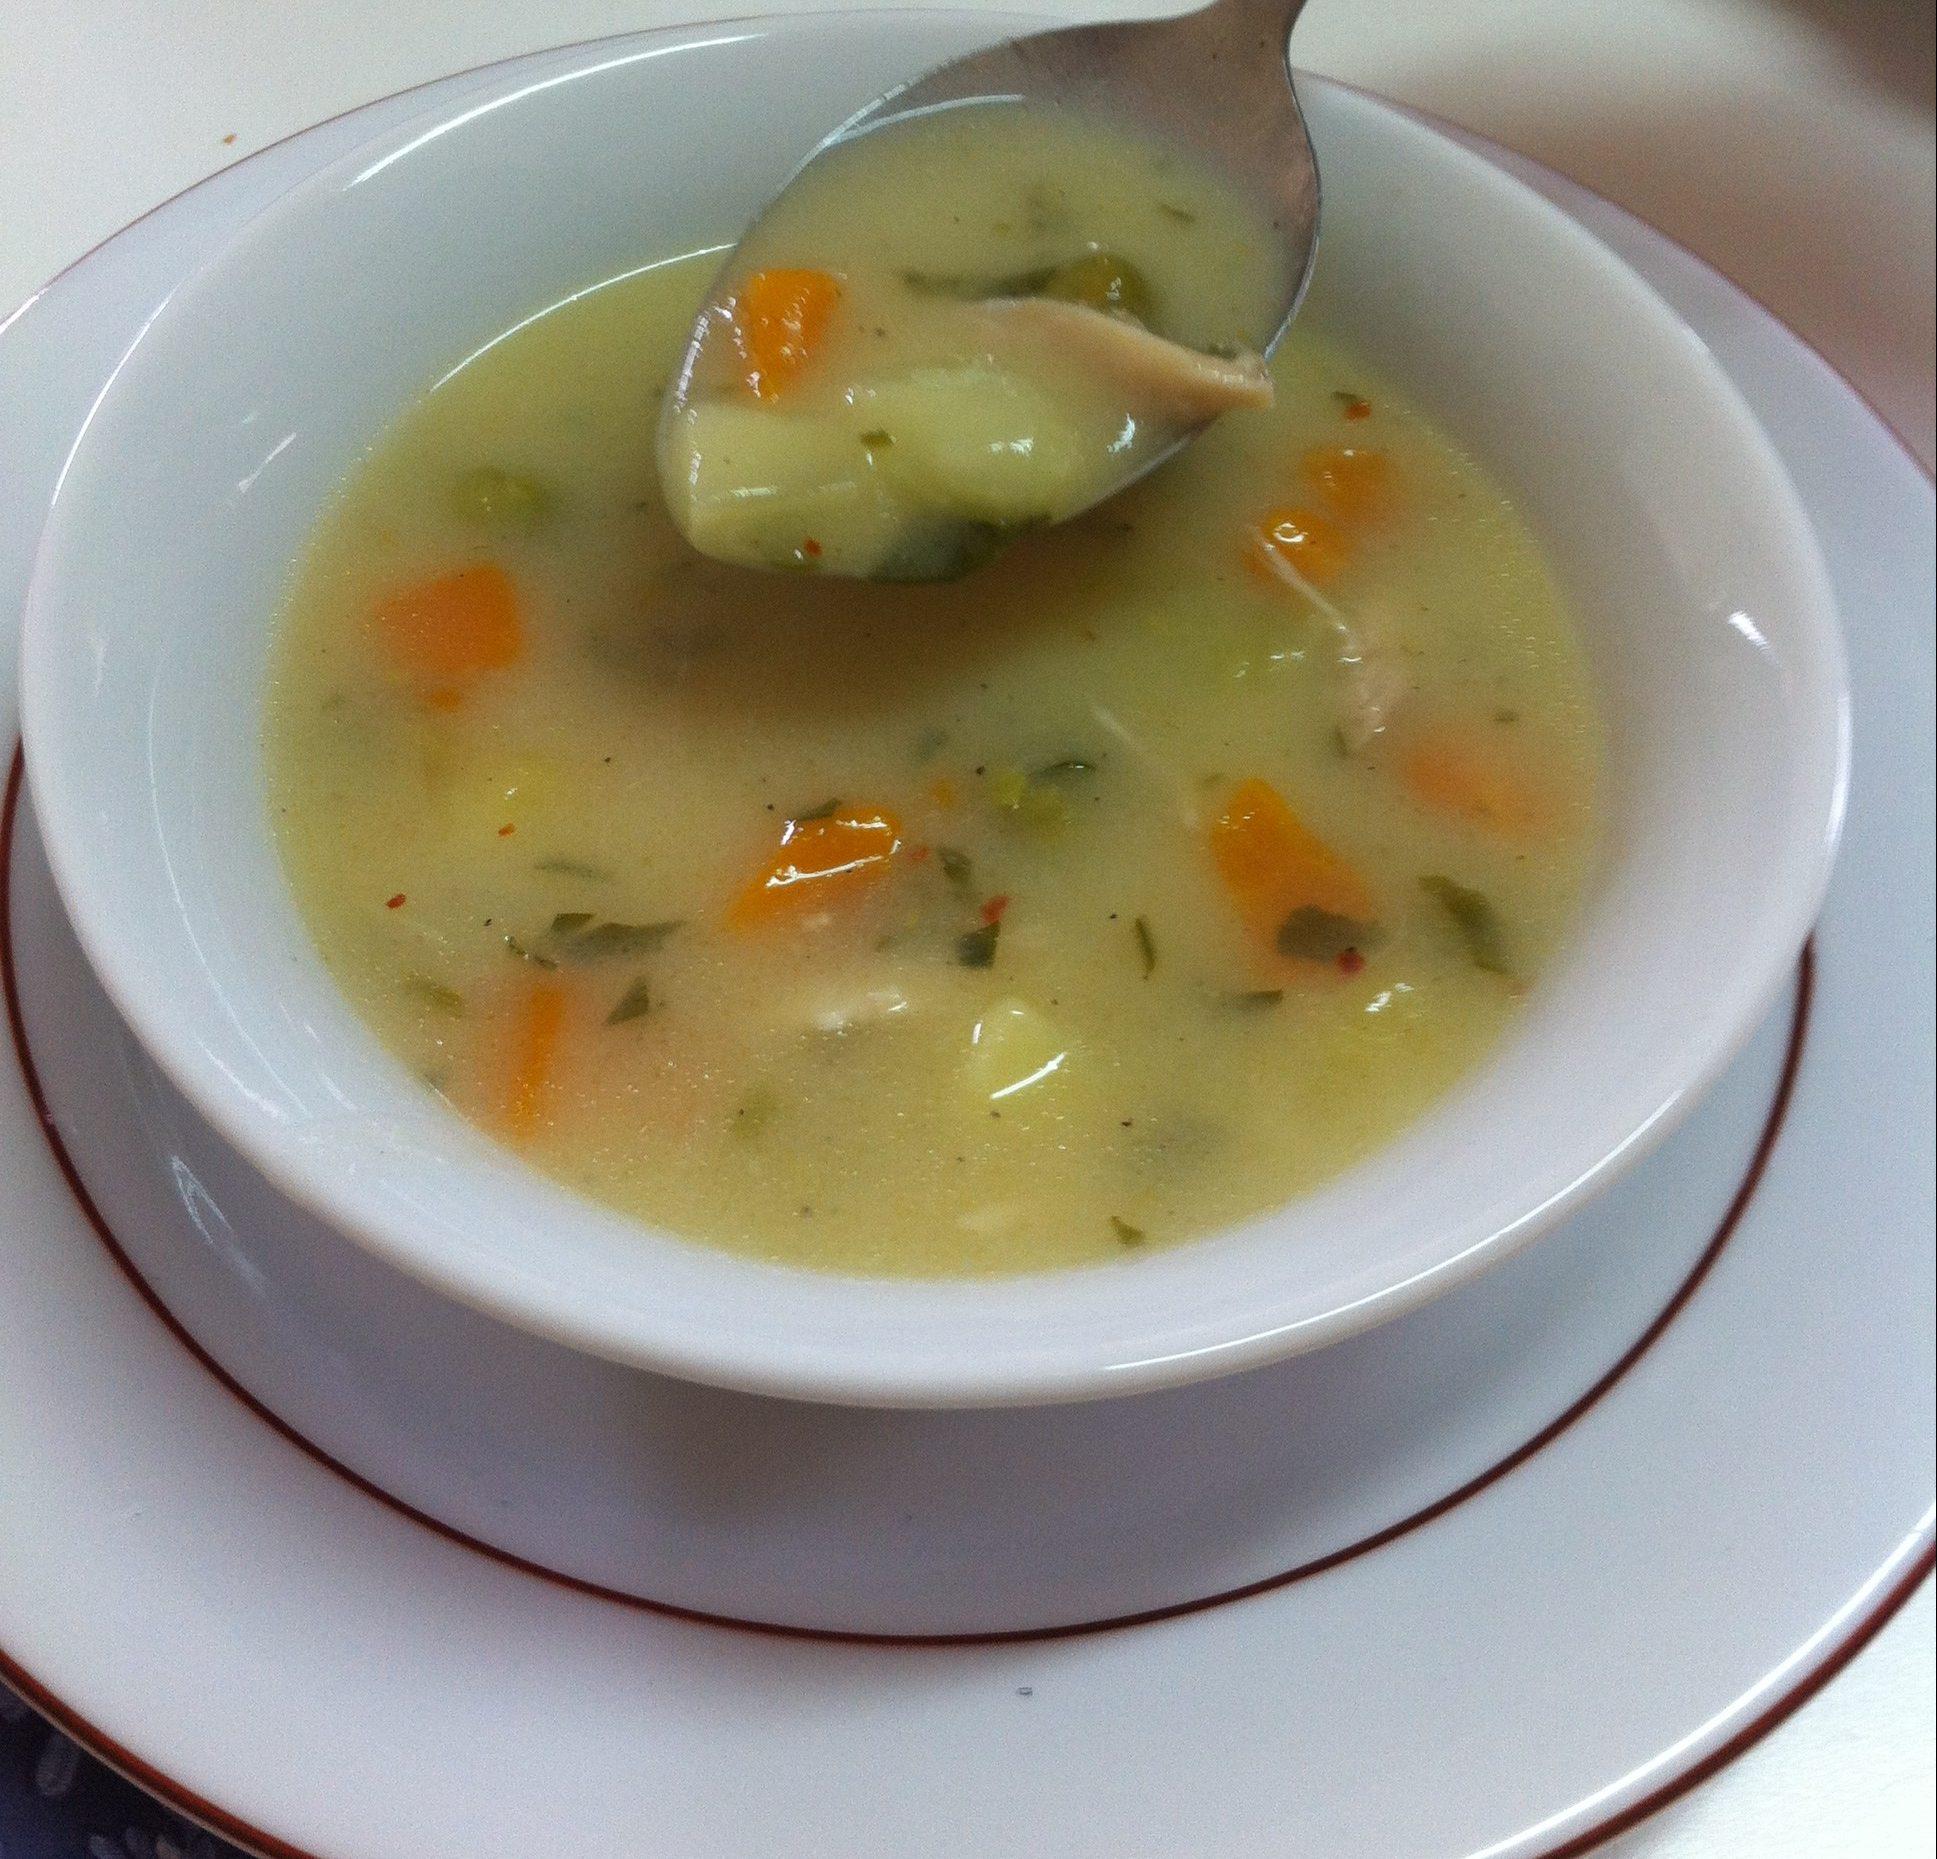 Sebzeli Şehriyeli Tavuk Çorbası